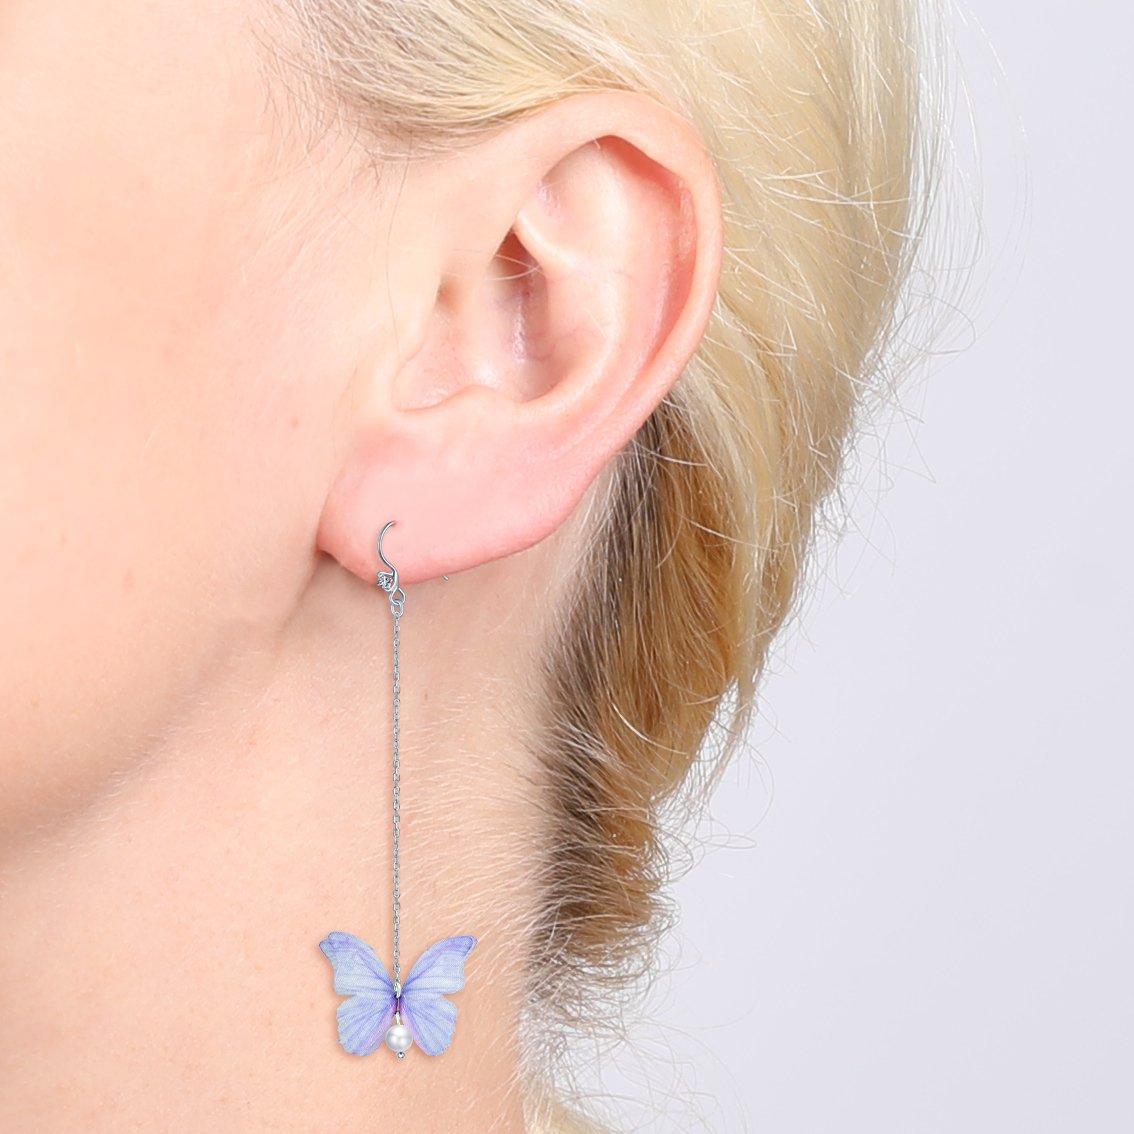 Yumilok Jewelry 925 Sterling Silver Cubic Zirconia Pearls Hypoallergenic Butterfly Dangle Drop Earrings for Girls